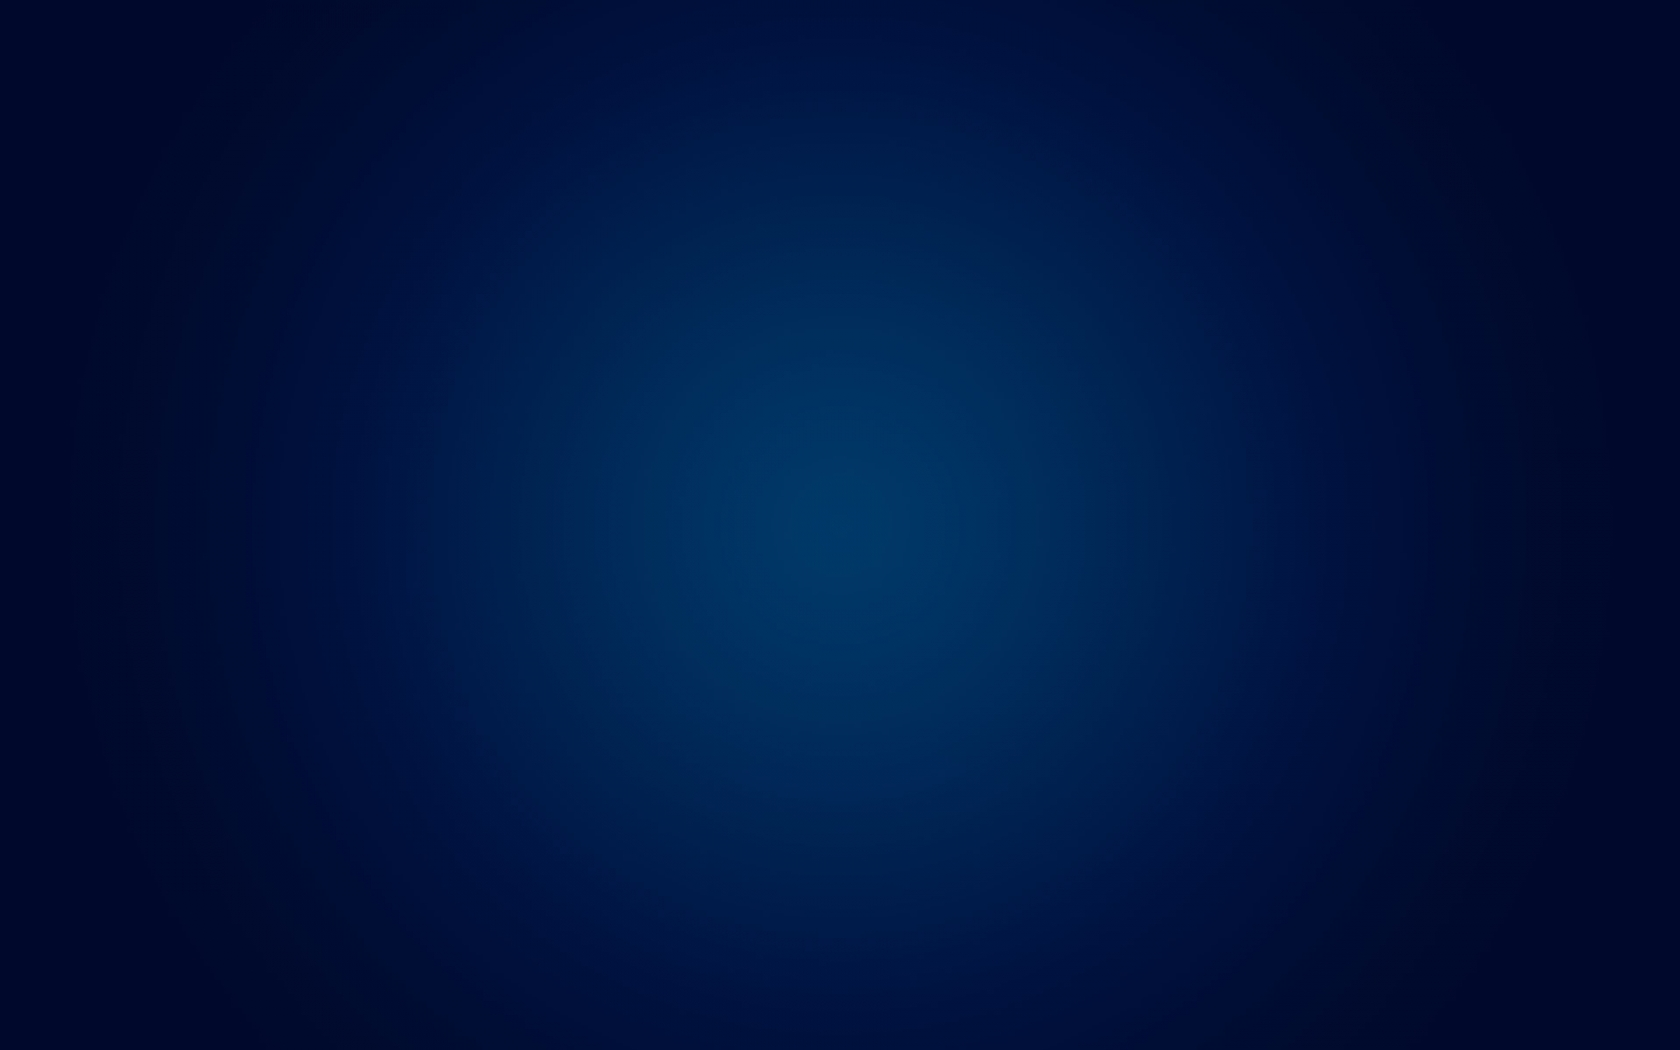 Azul Oscuro 124 Fondo Degradado Marino